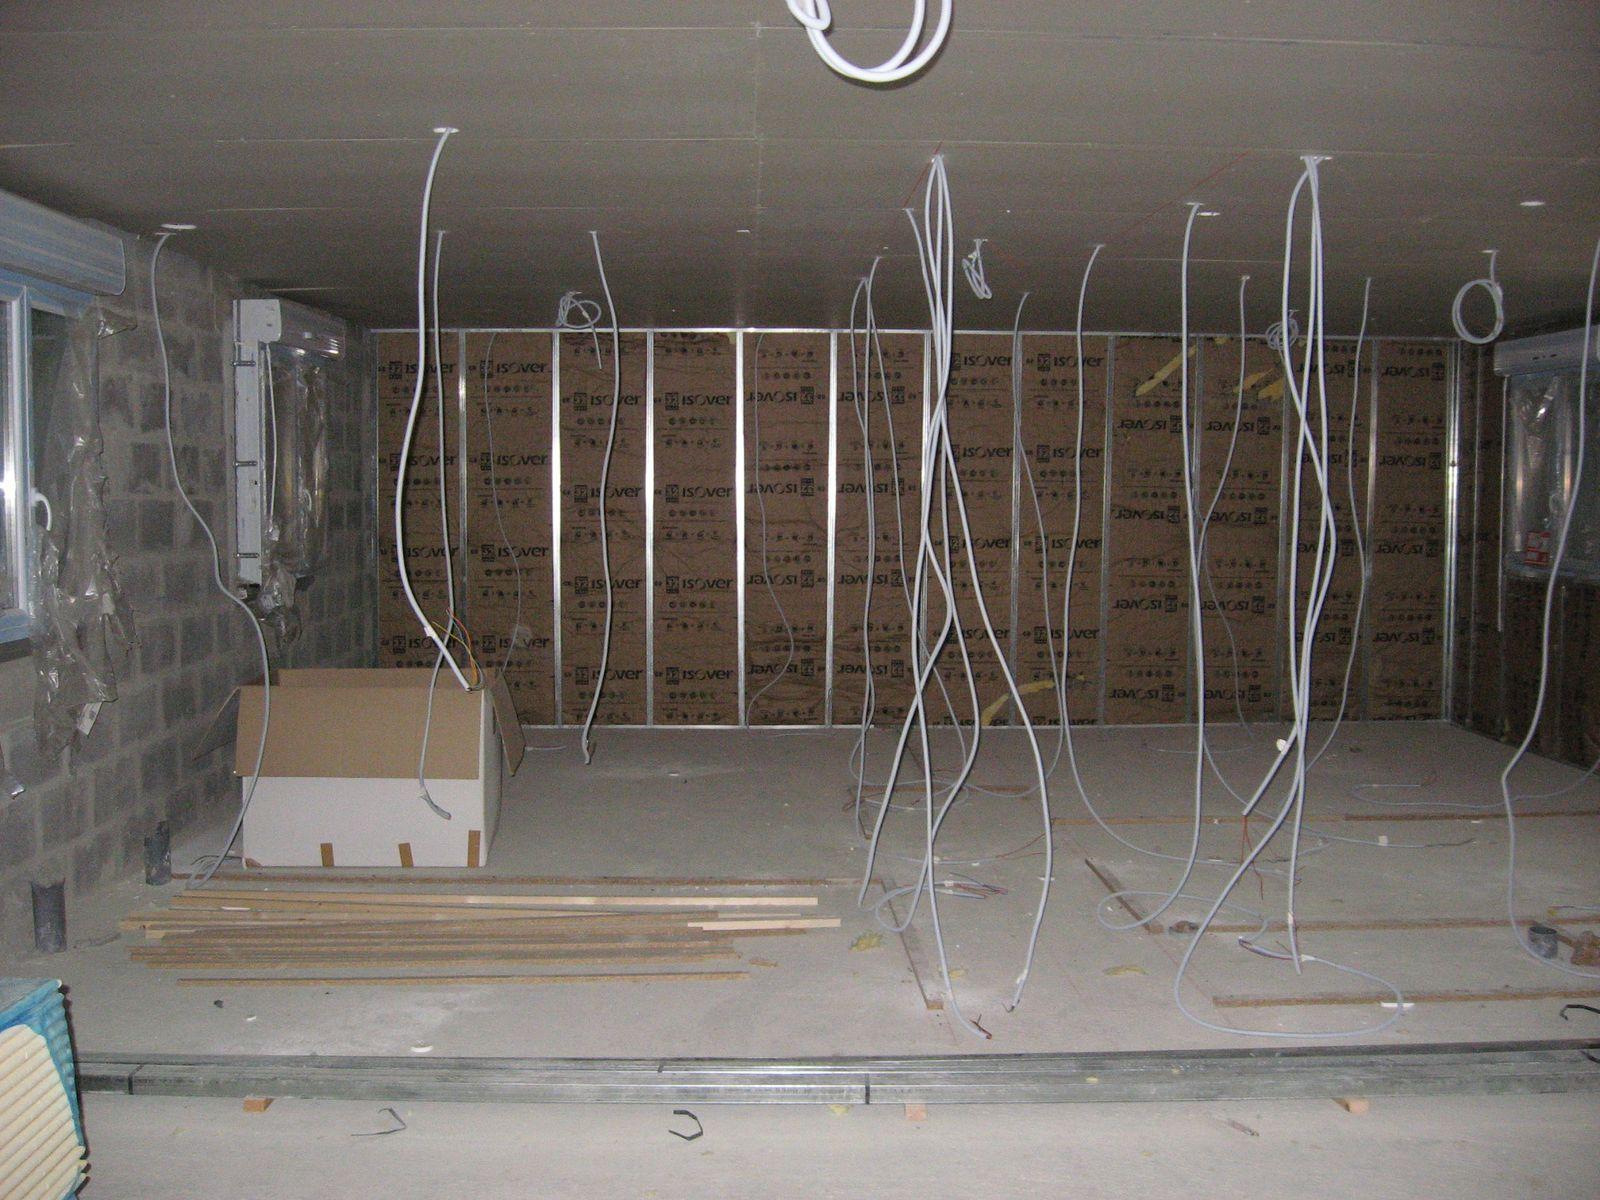 fabricant pieuvre lectrique kit lectricit autoconstruction conomique et de qualit. Black Bedroom Furniture Sets. Home Design Ideas